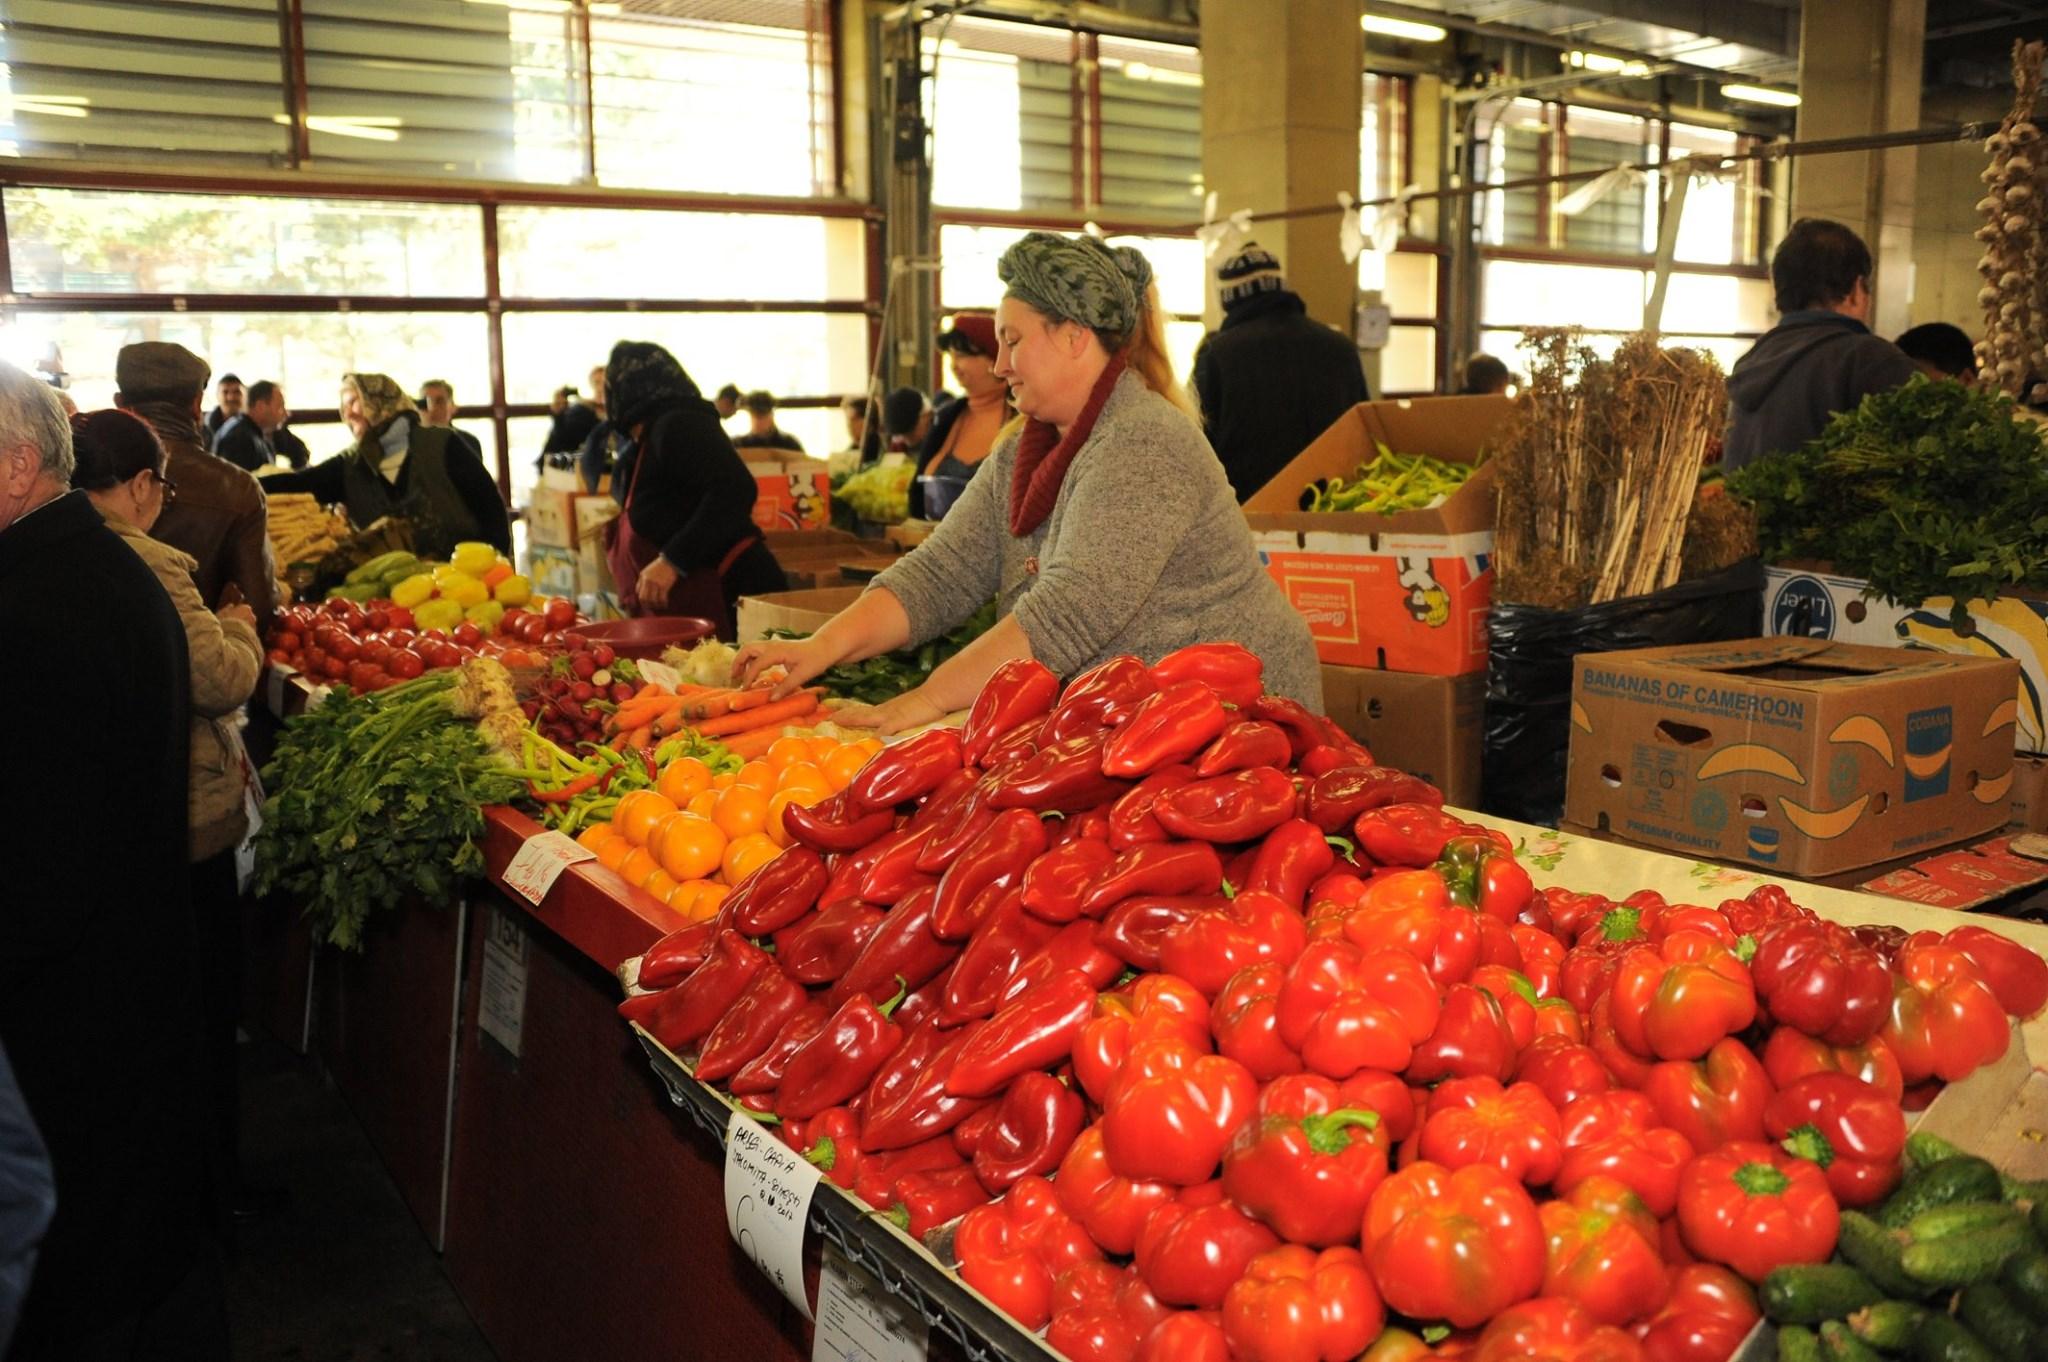 MADR: Avem cantitati suficiente de tomate, dar si alte legume din productia interna in piete si targuri